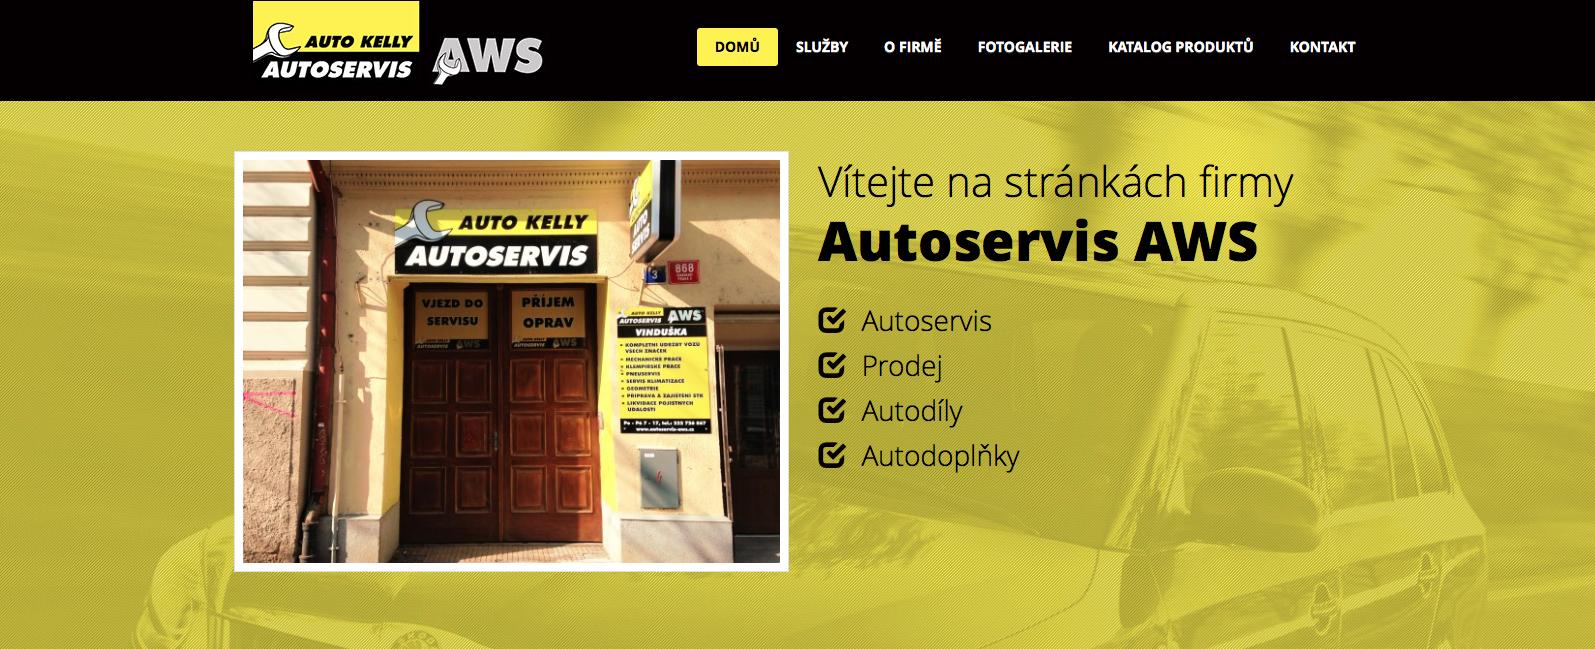 AWS autoservis